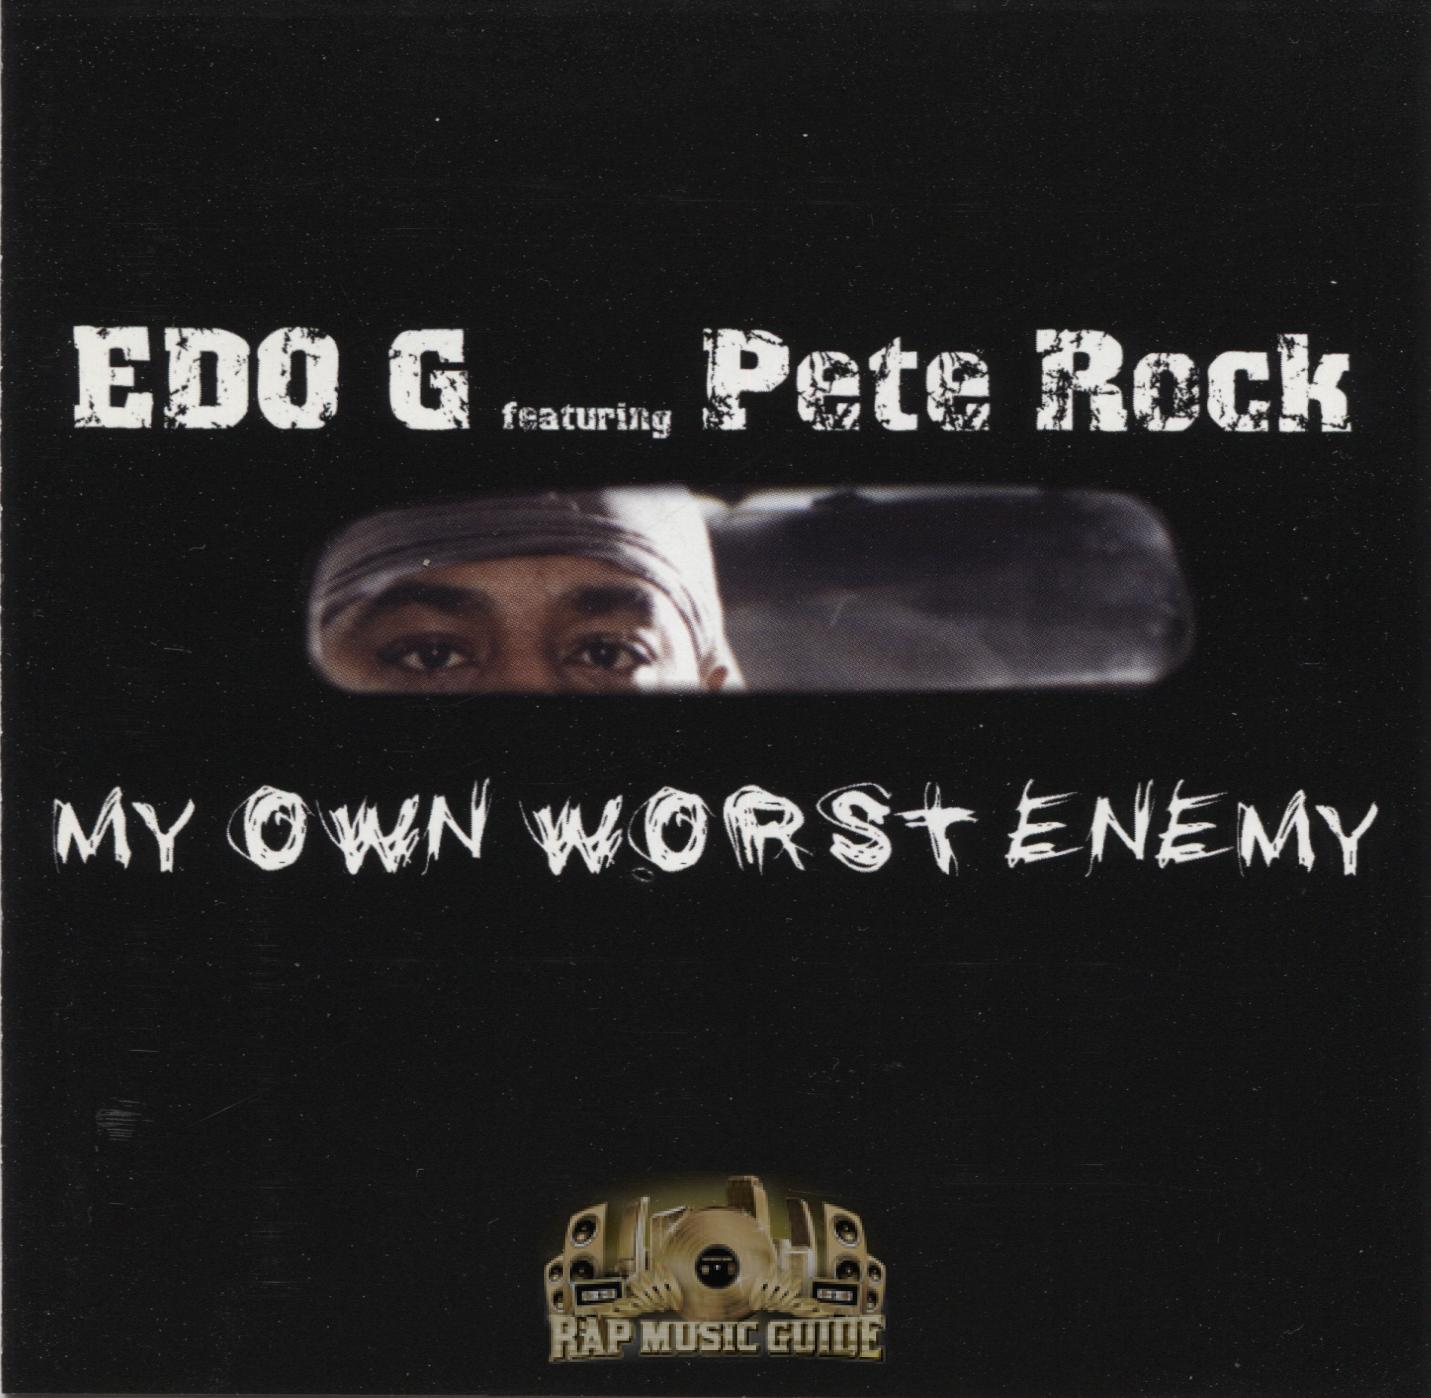 Best Pete Rock Project?